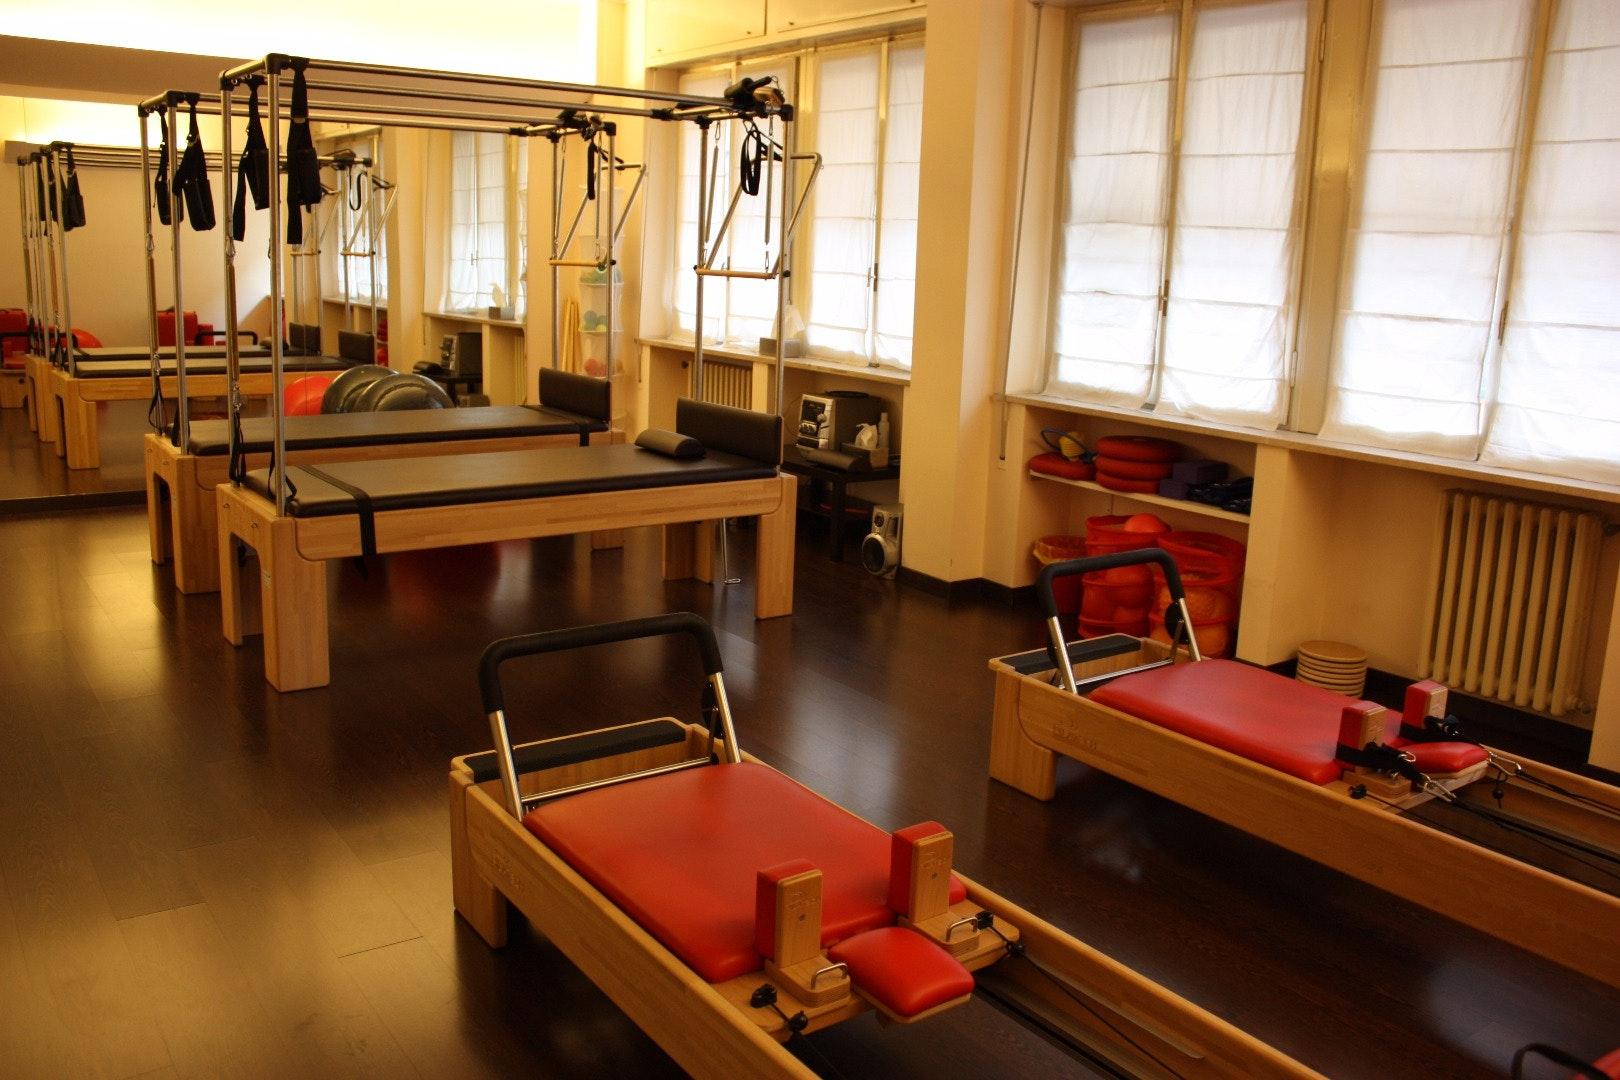 Body Balance Center Sas Di Bagnato Paola Maria